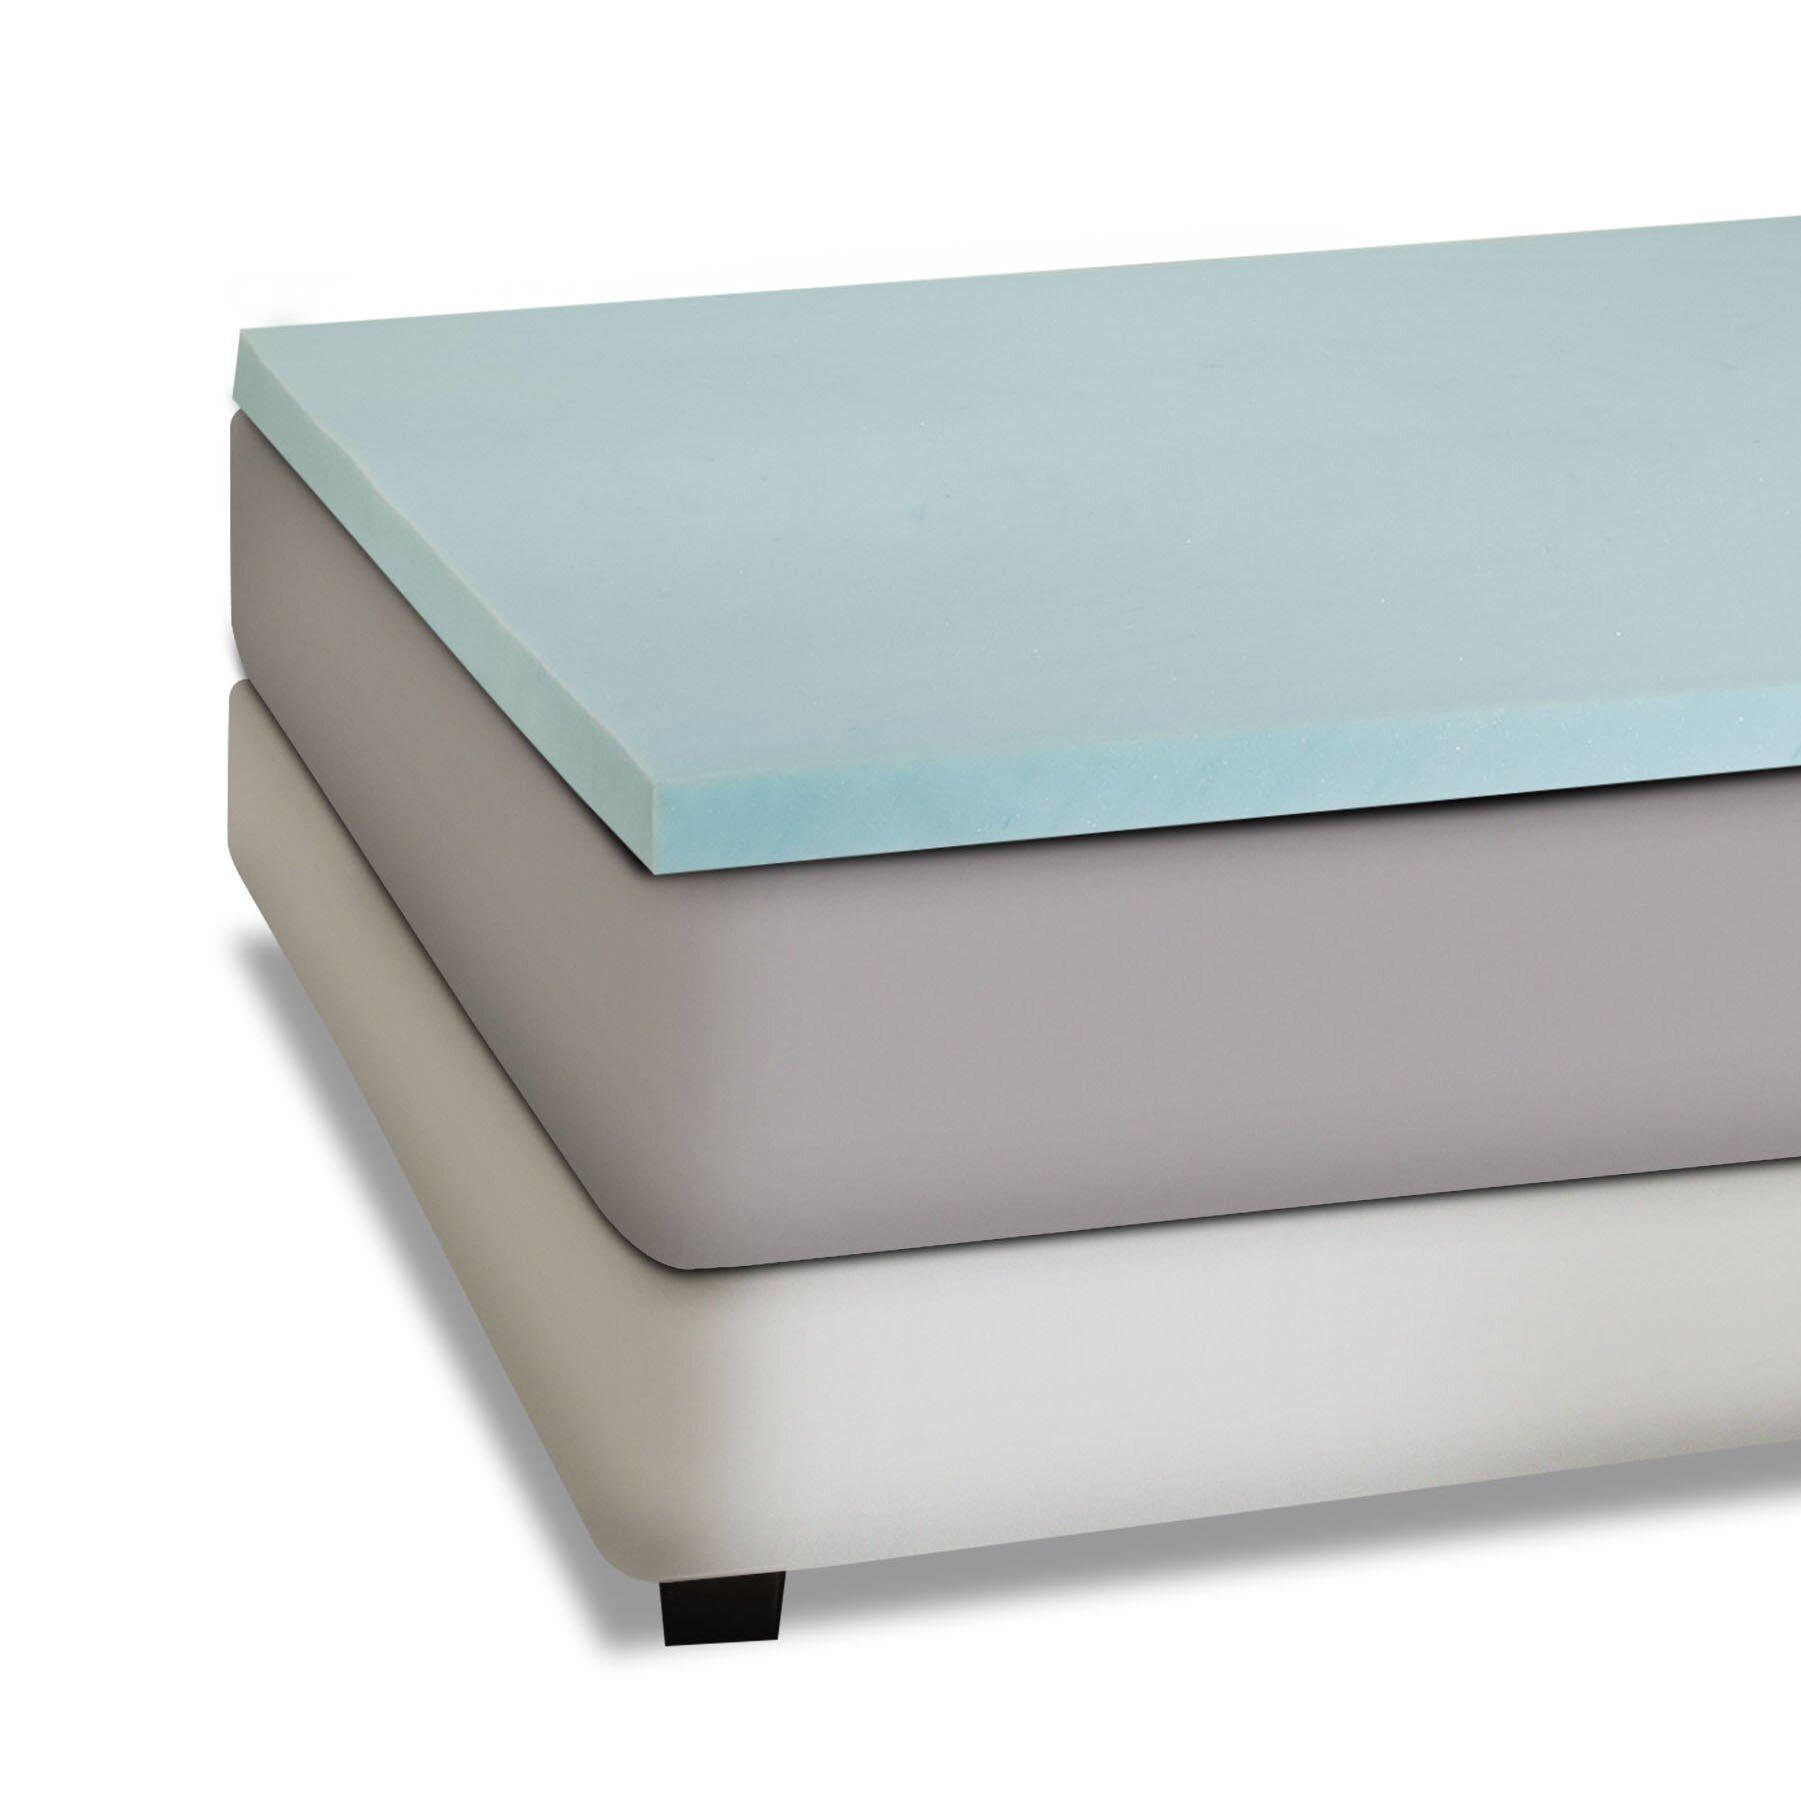 Independent sleep 2 gel memory foam mattress topper for Mattress topper